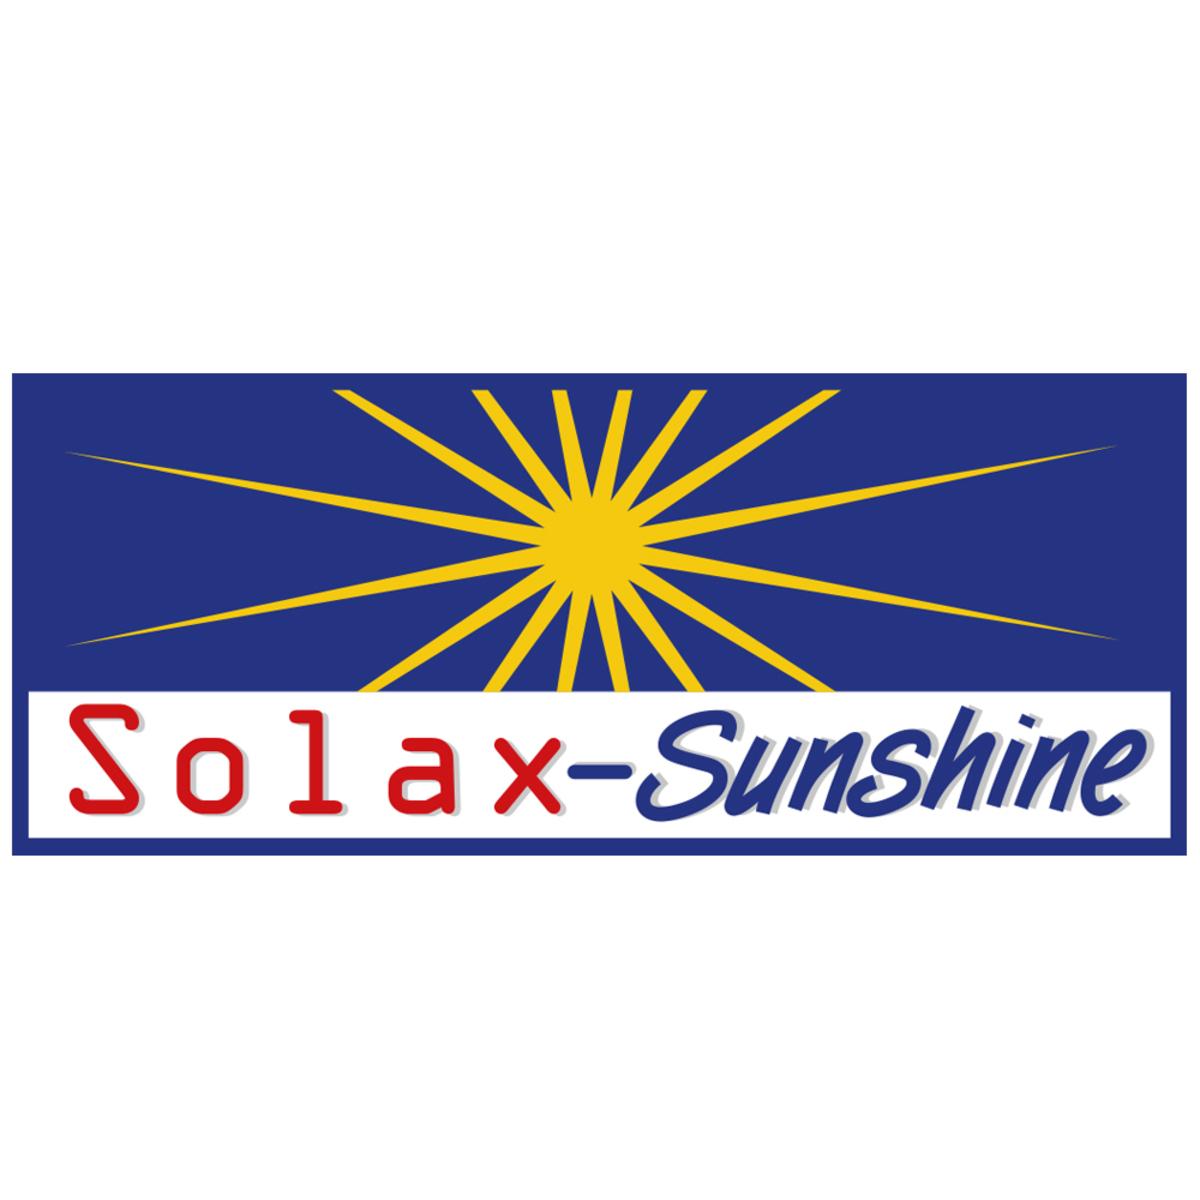 Bild 2 von Solax-Sunshine Taschenmesser - Adler